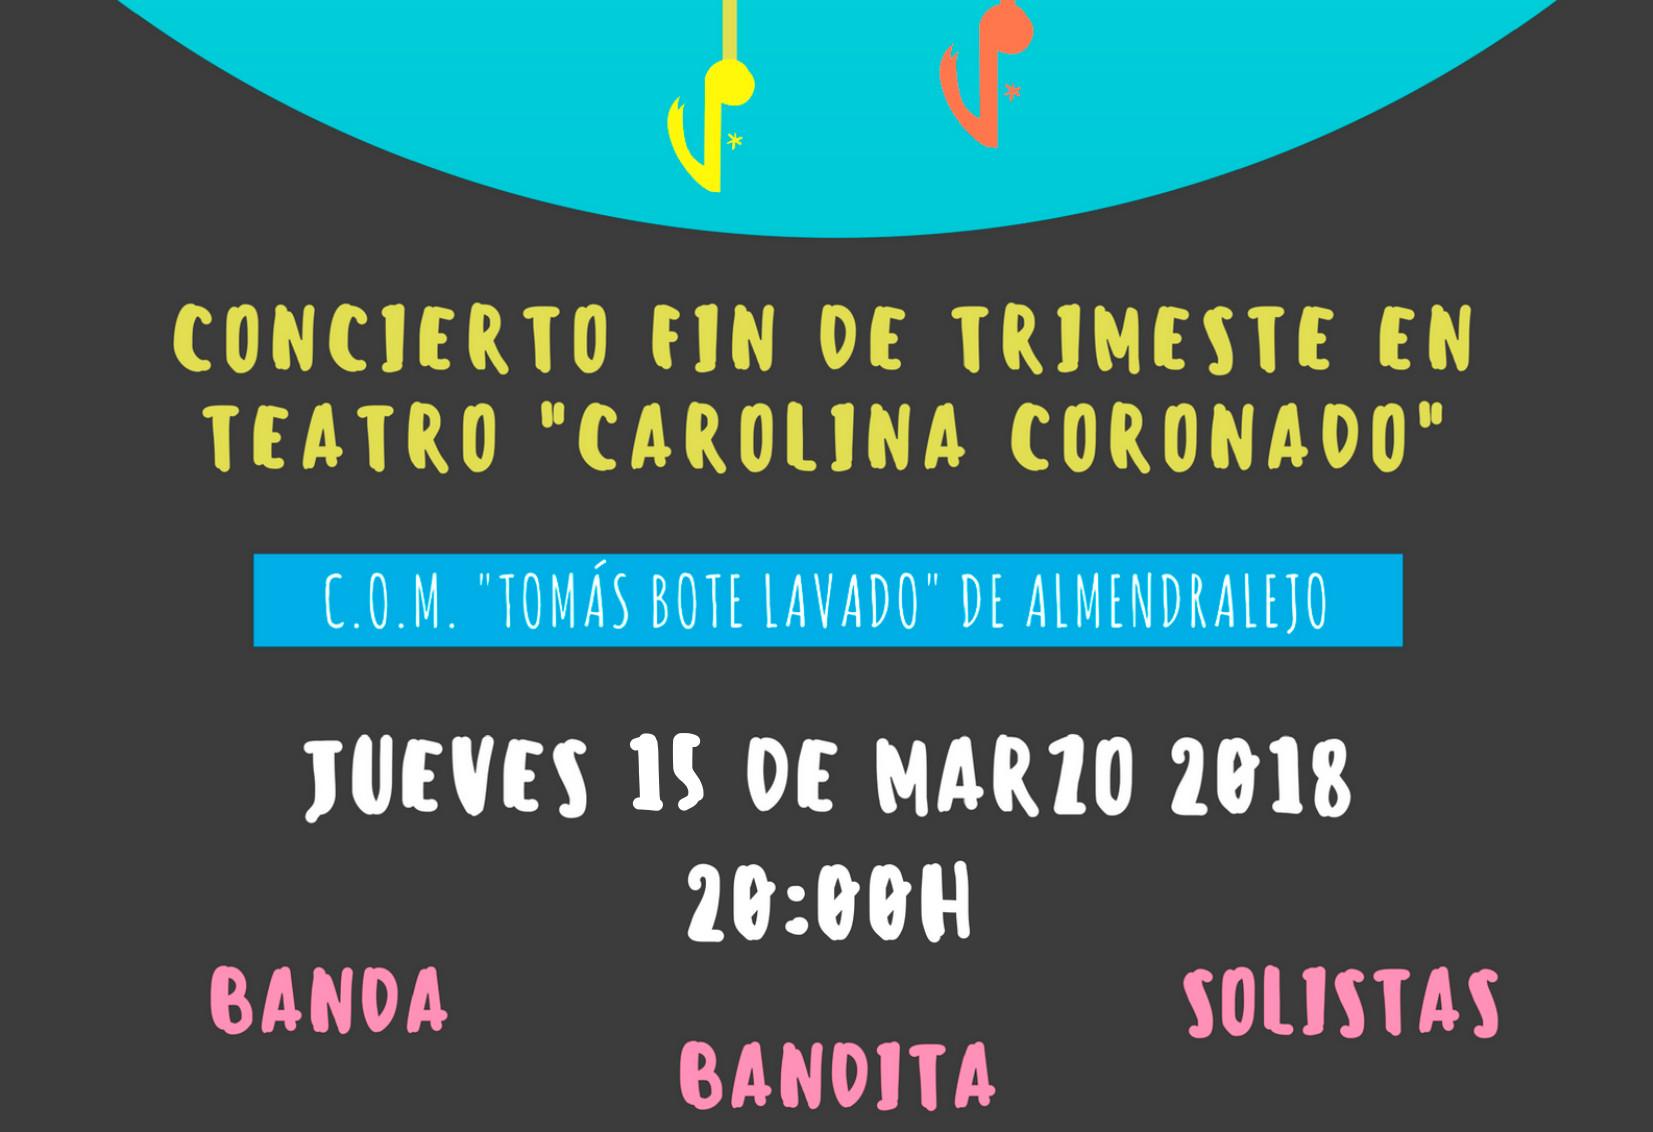 """CONCIERTO FIN DE TRIMESTRE DE C.O.M """"TOMÁS BOTE LAVADO"""" DE ALMENDRALEJO"""